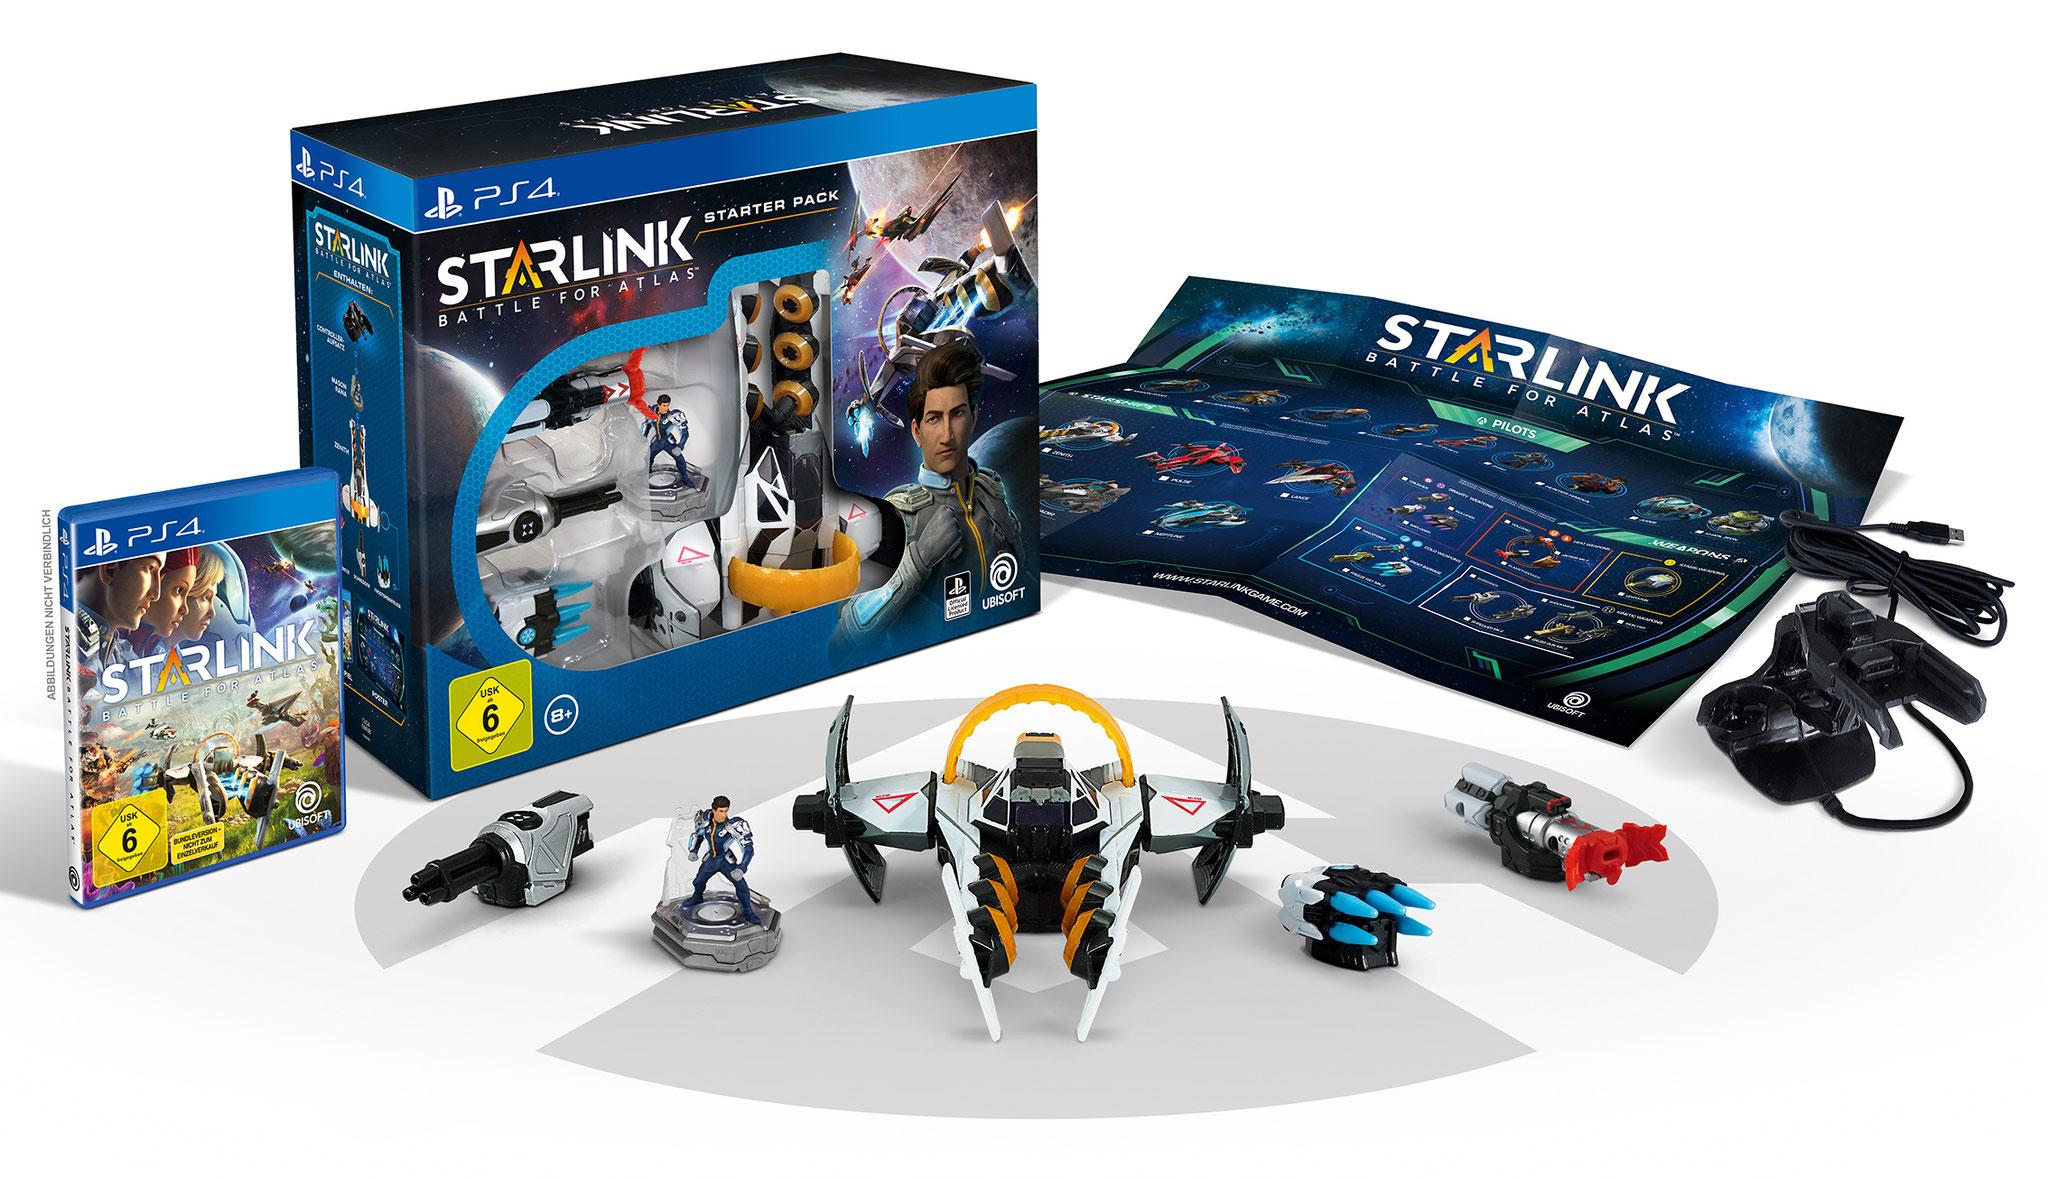 """Spiel- und Spielzeug-Paket wie bei den """"Skylanders"""": Das """"Starlink""""-Starter-Paket kostet um die 70 Euro, neue Raumschiffe mit Figur und je einer Waffe gibt's für ca. 30 Euro"""